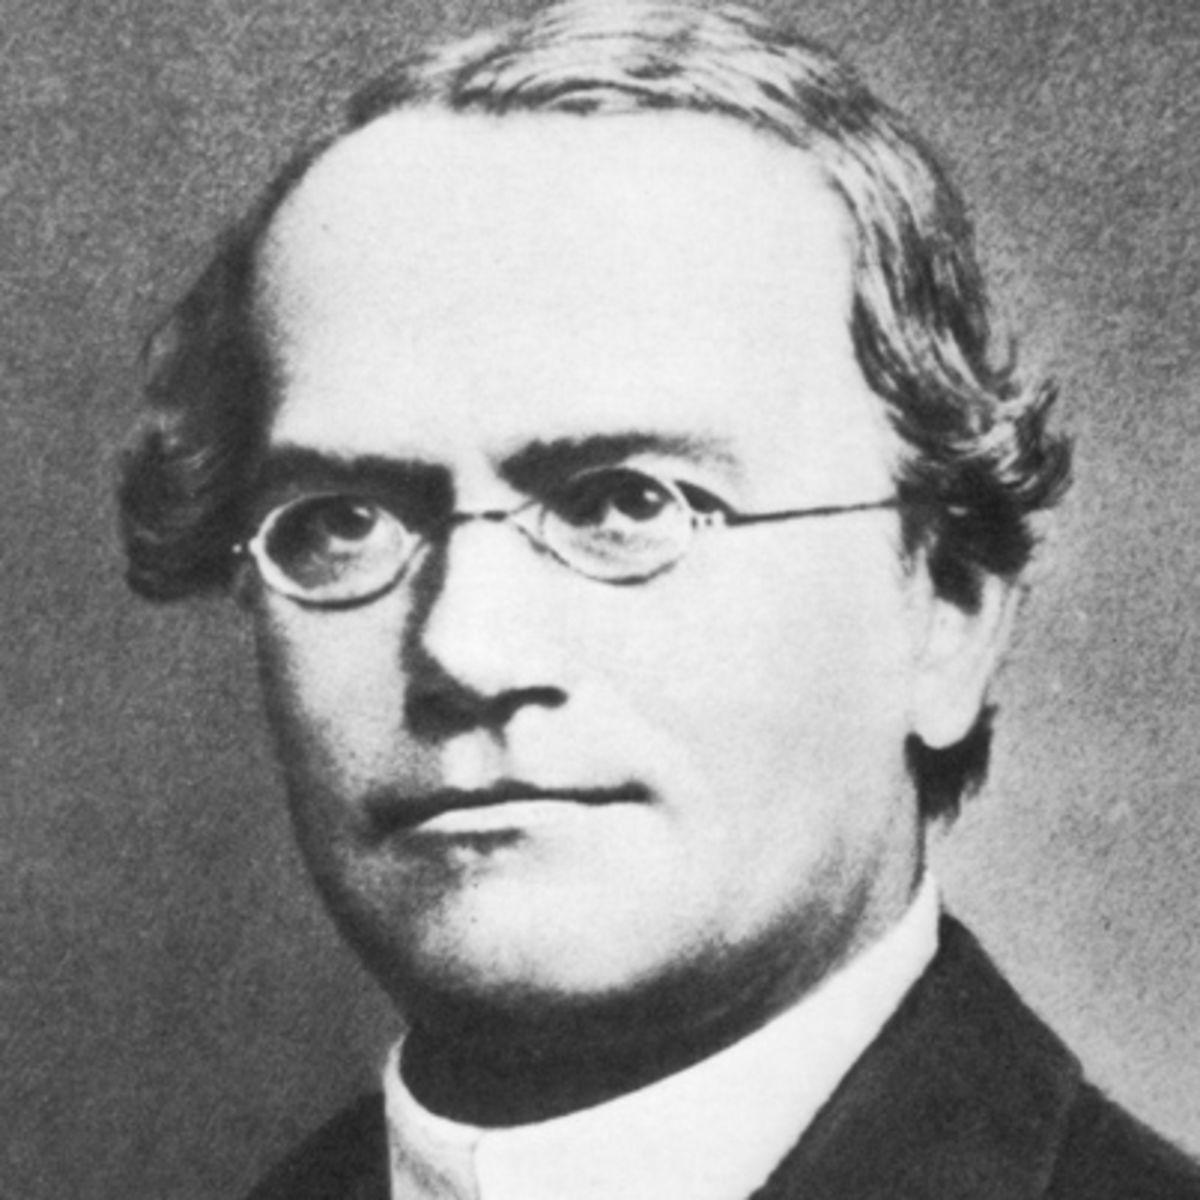 Top 5 Scientists In Biology, Image result for 2. Gregor Mendel (1822-1884)